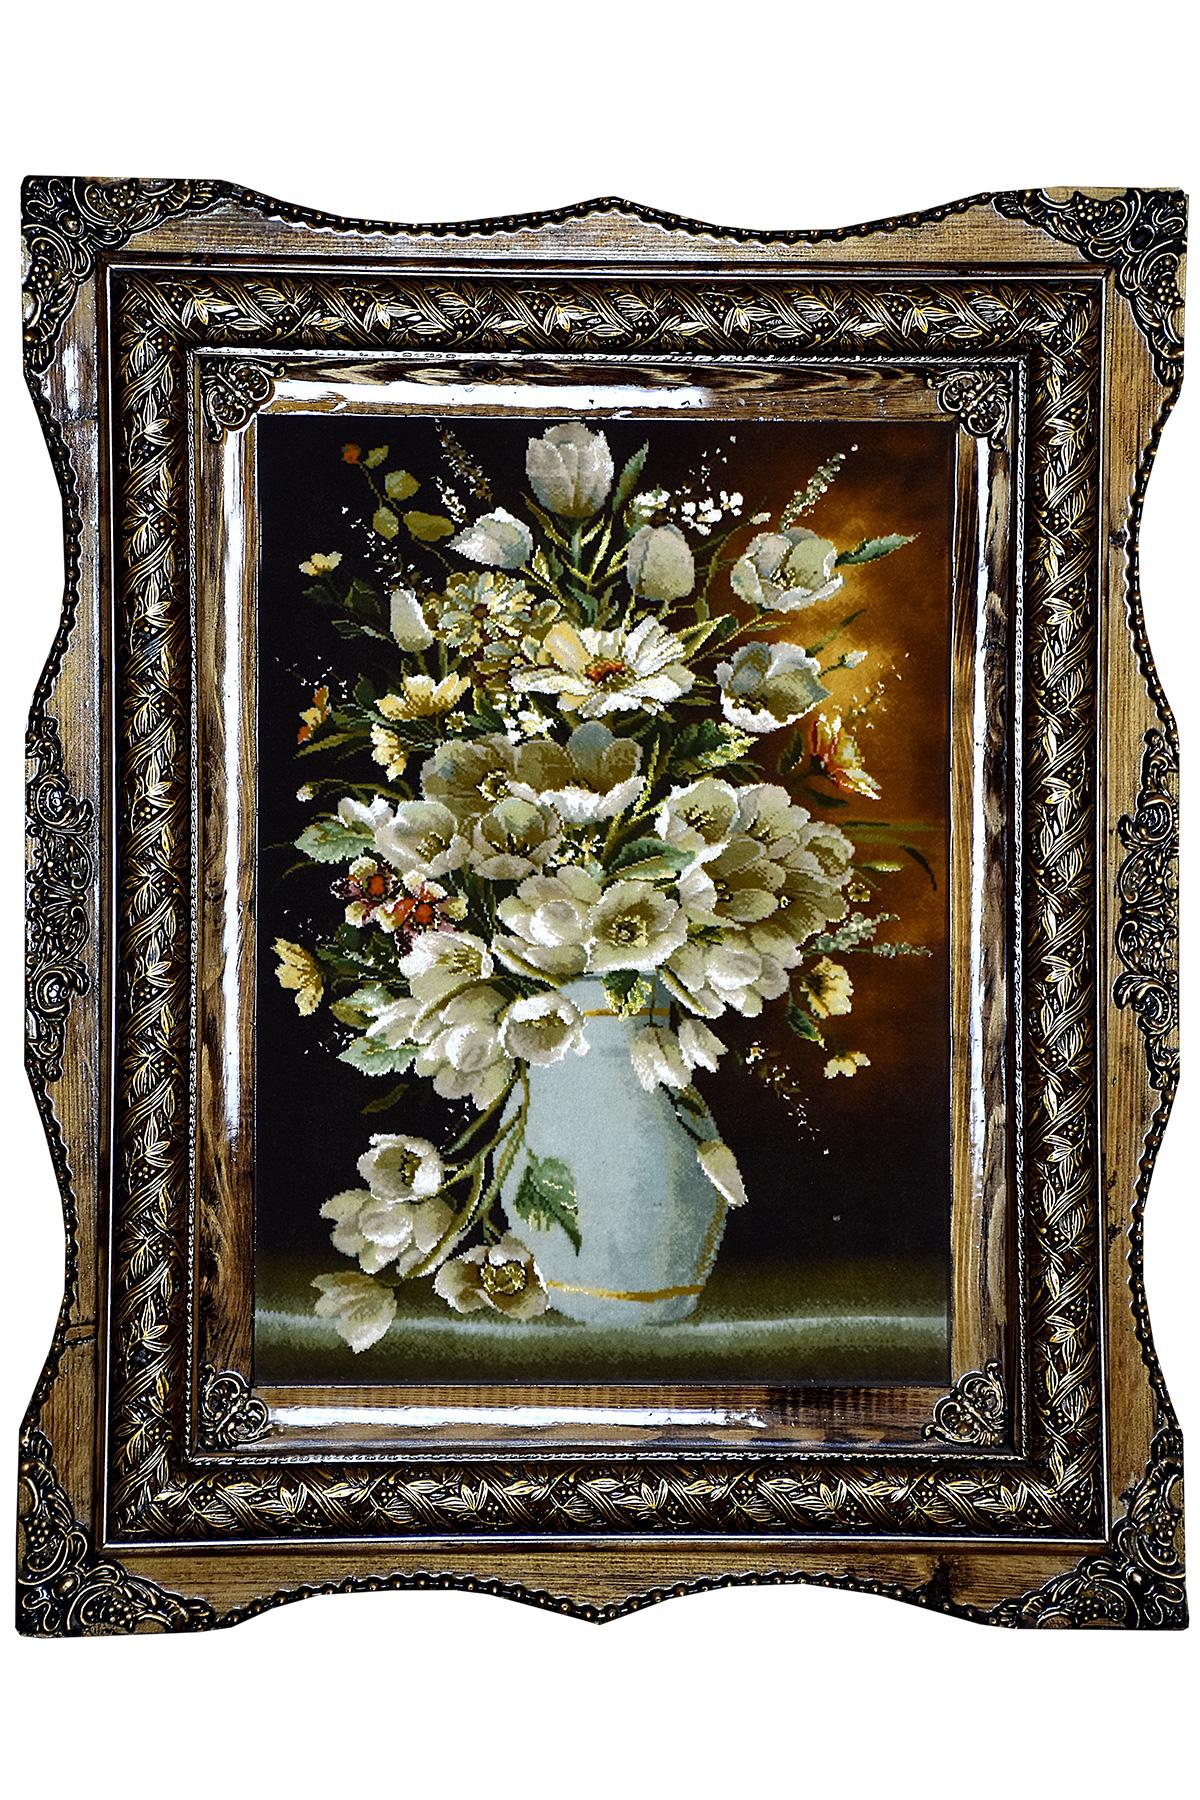 تابلو فرش گلدان گل سفید اثر استاد ابری